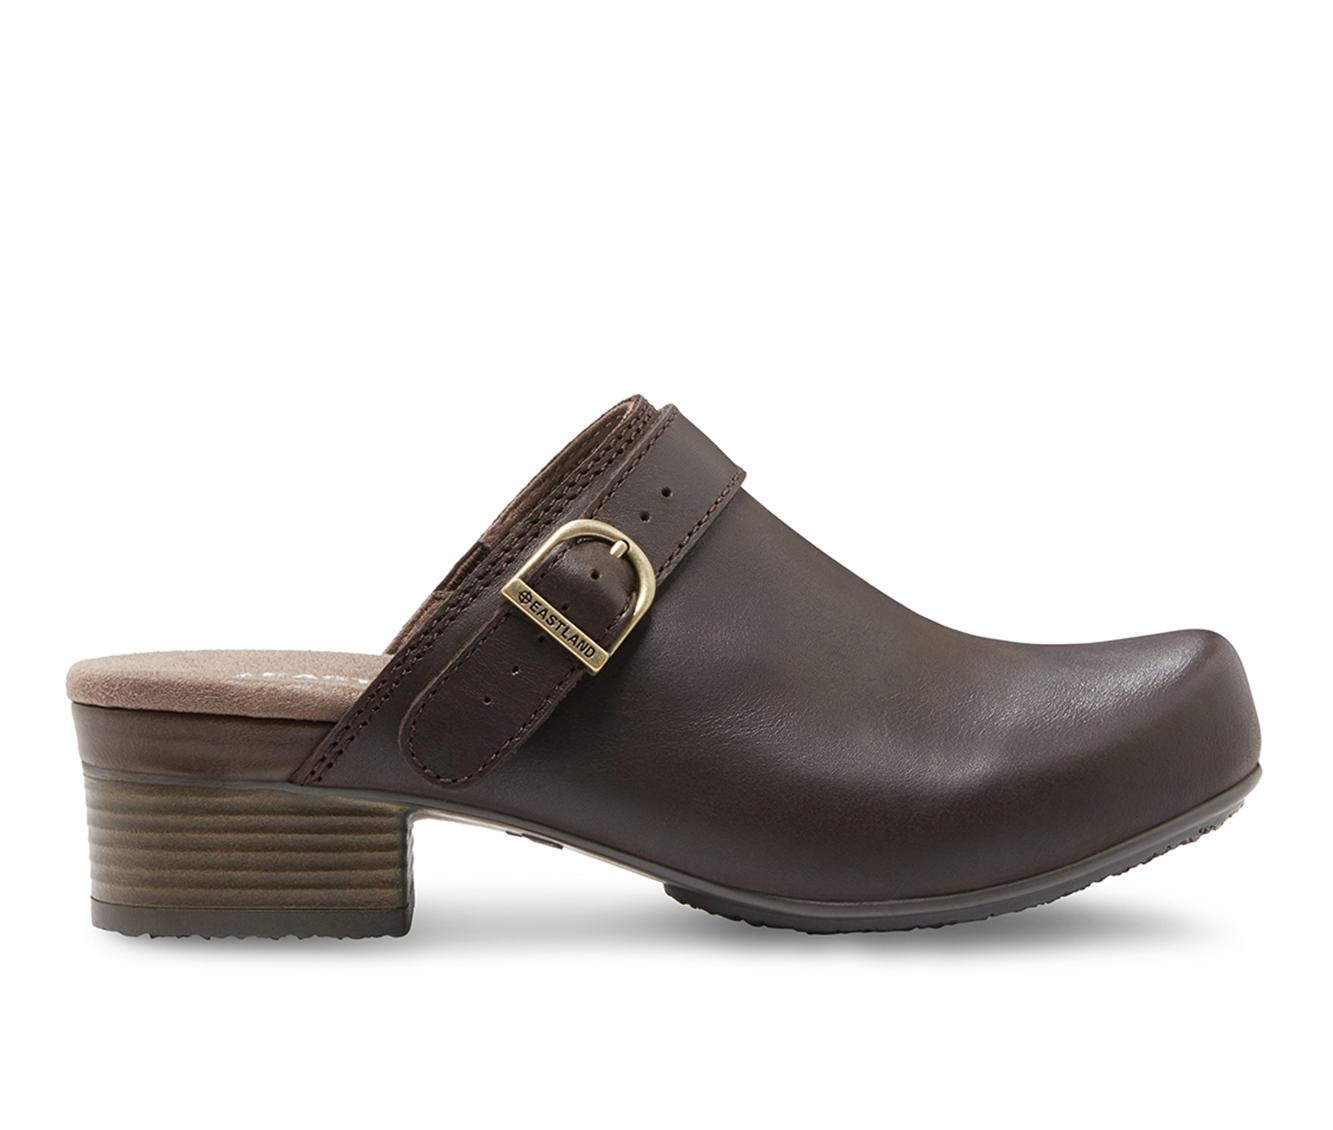 Eastland Adele Women's Shoe (Brown Leather)